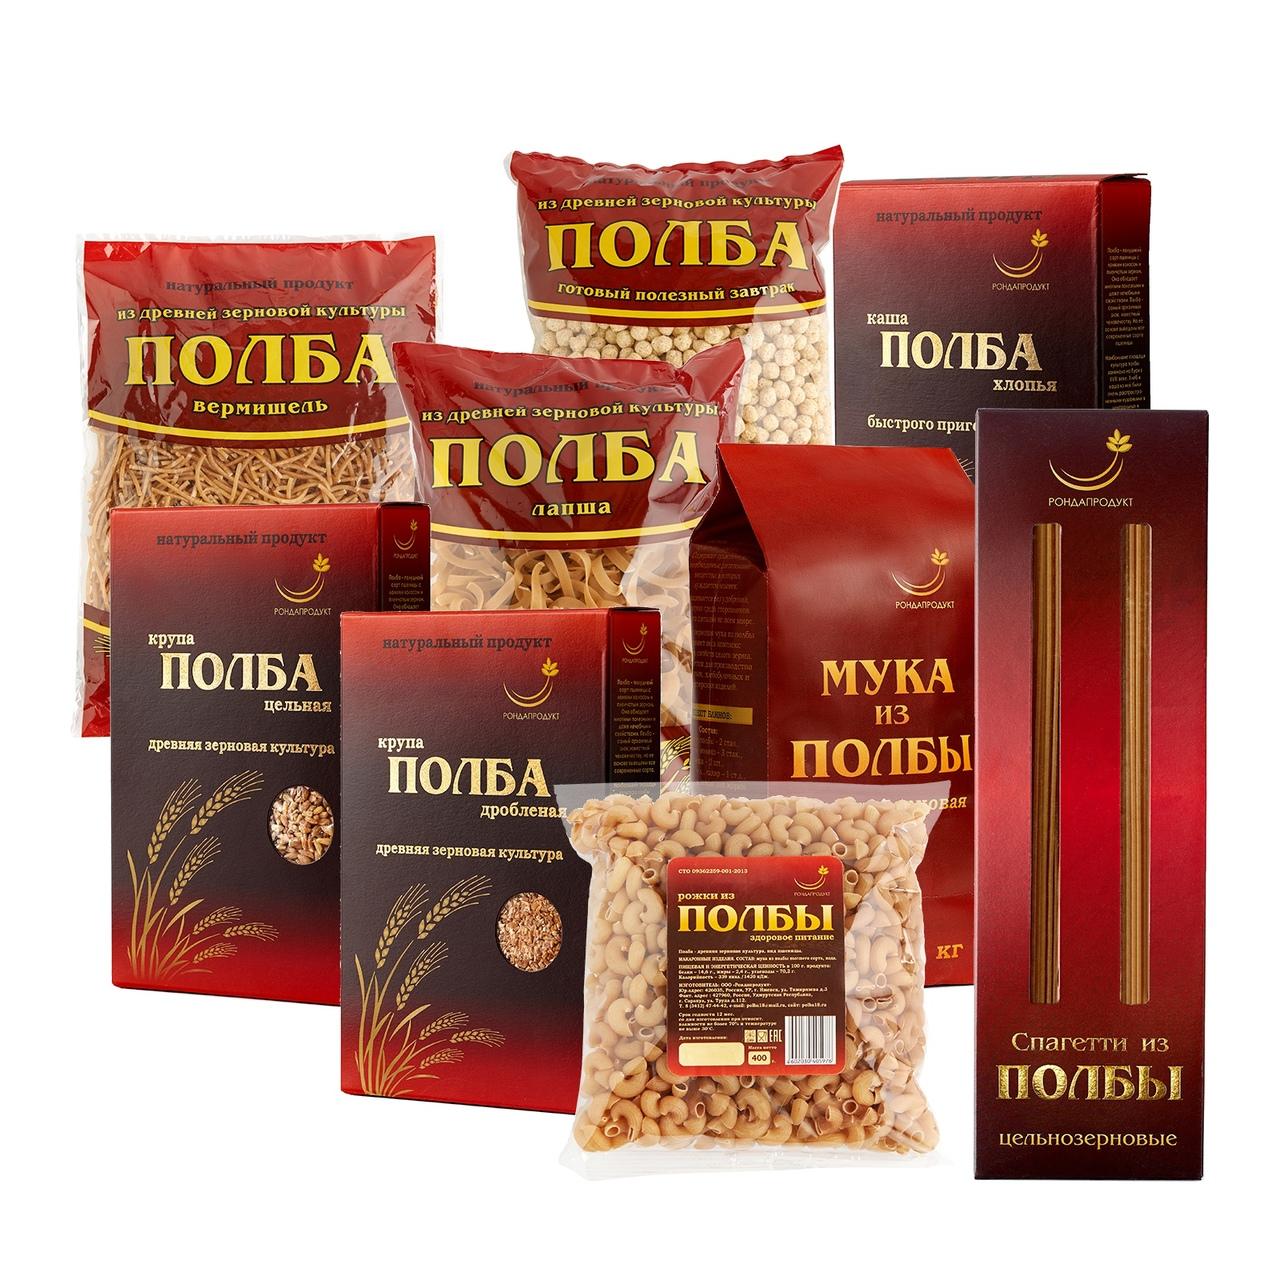 Диетические продукты купить Пермь